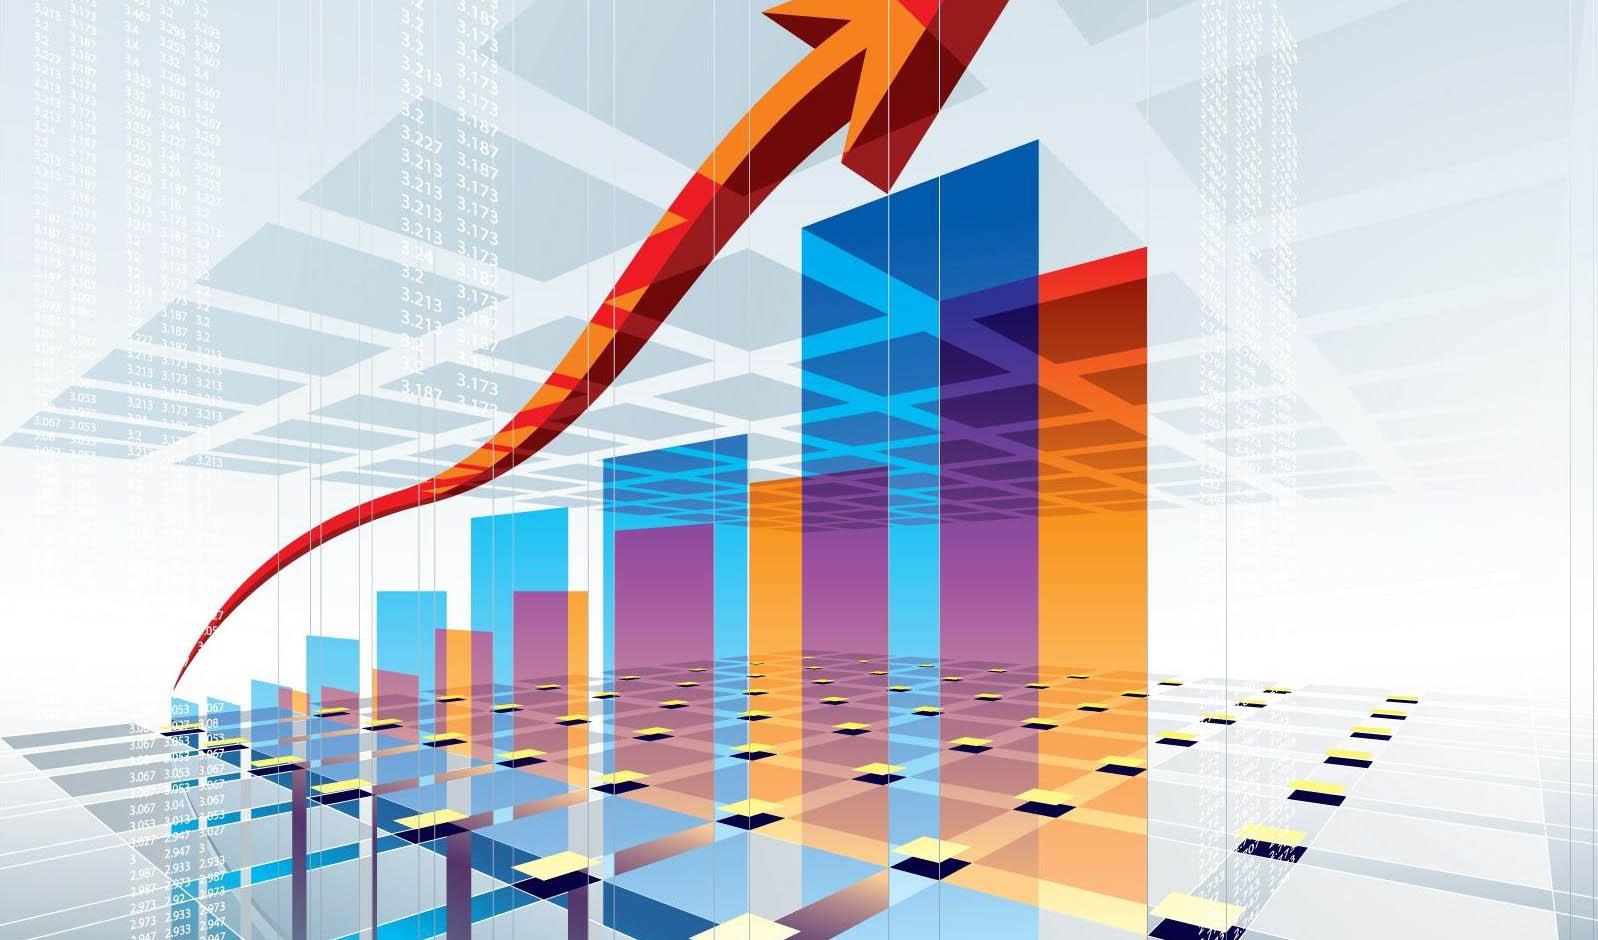 رشد اقتصادی ۵ درصدی و گامهایی که دولت باید بردارد